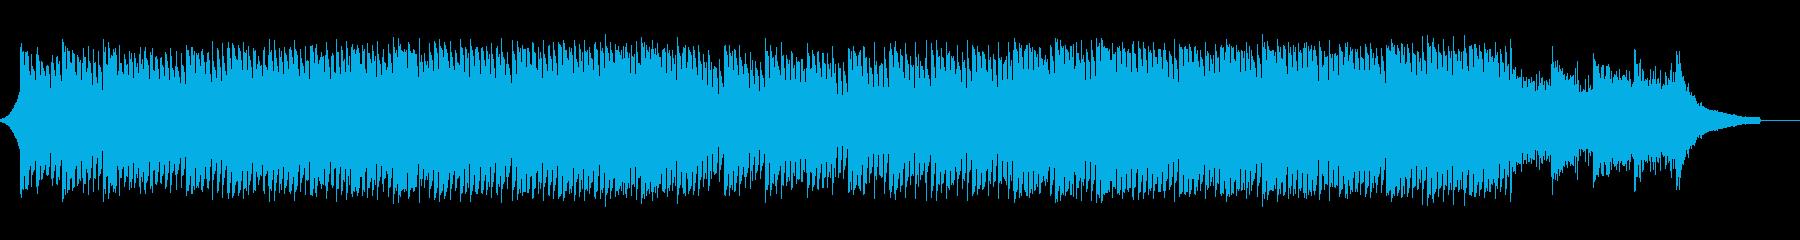 企業VP会社紹介透明感爽やか疾走感A20の再生済みの波形